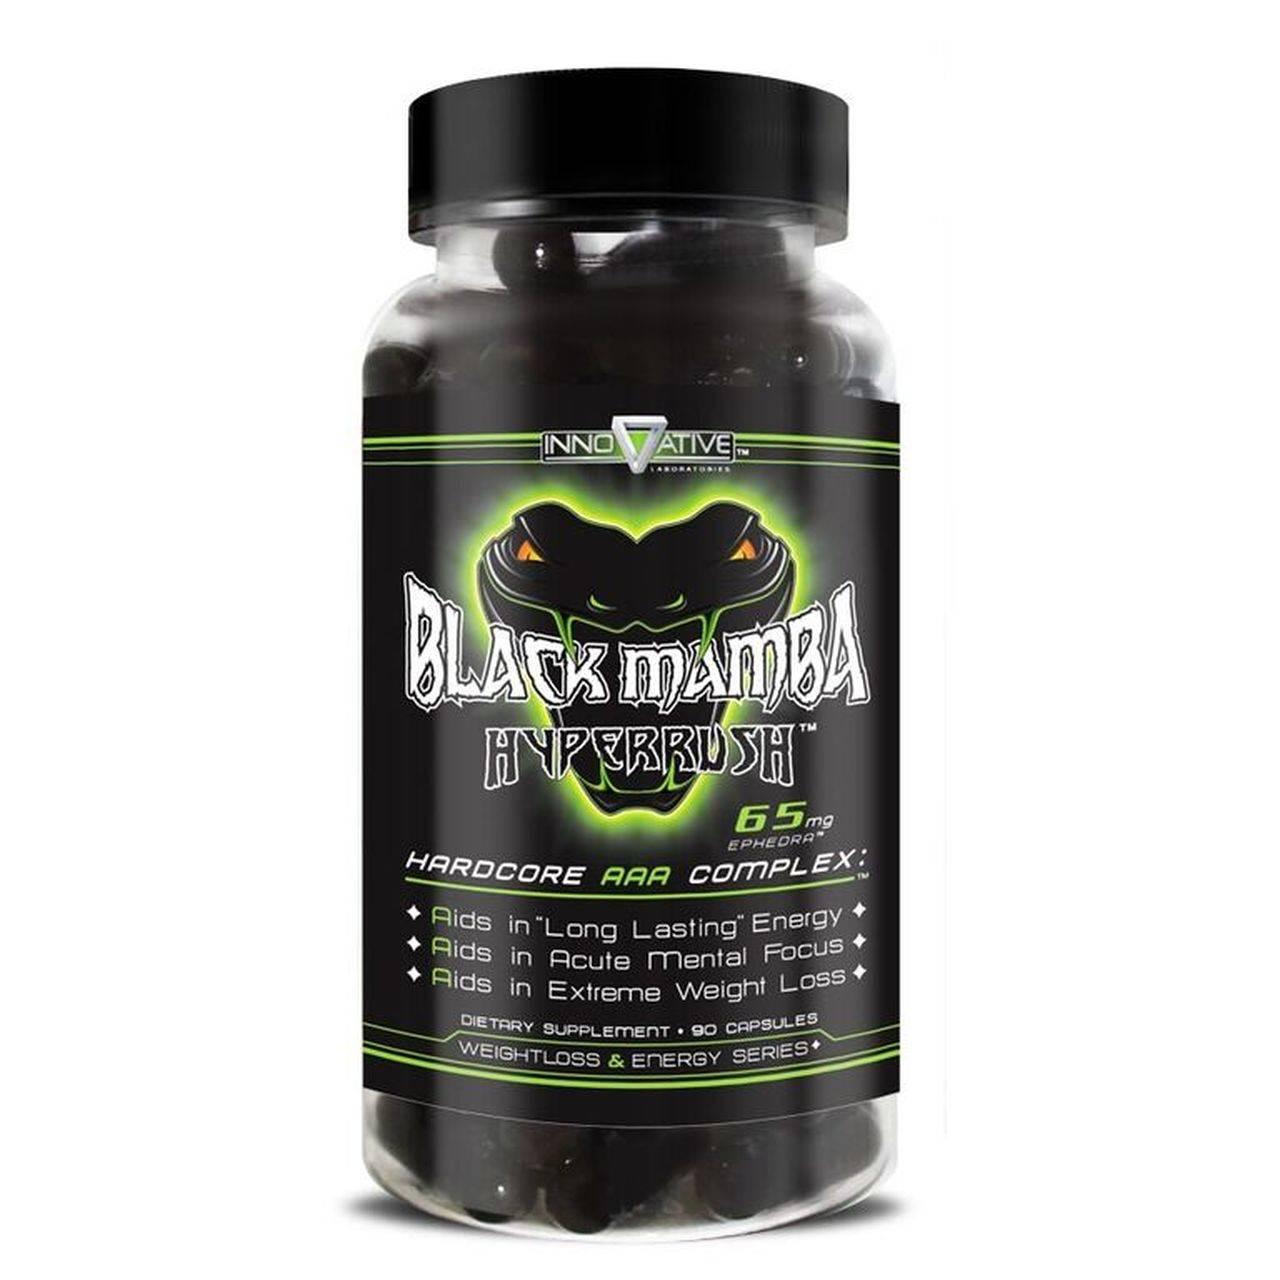 Жиросжигатель черная мамба: самый сильный жиросжигатель? реальные отзывы экспертов | promusculus.ru